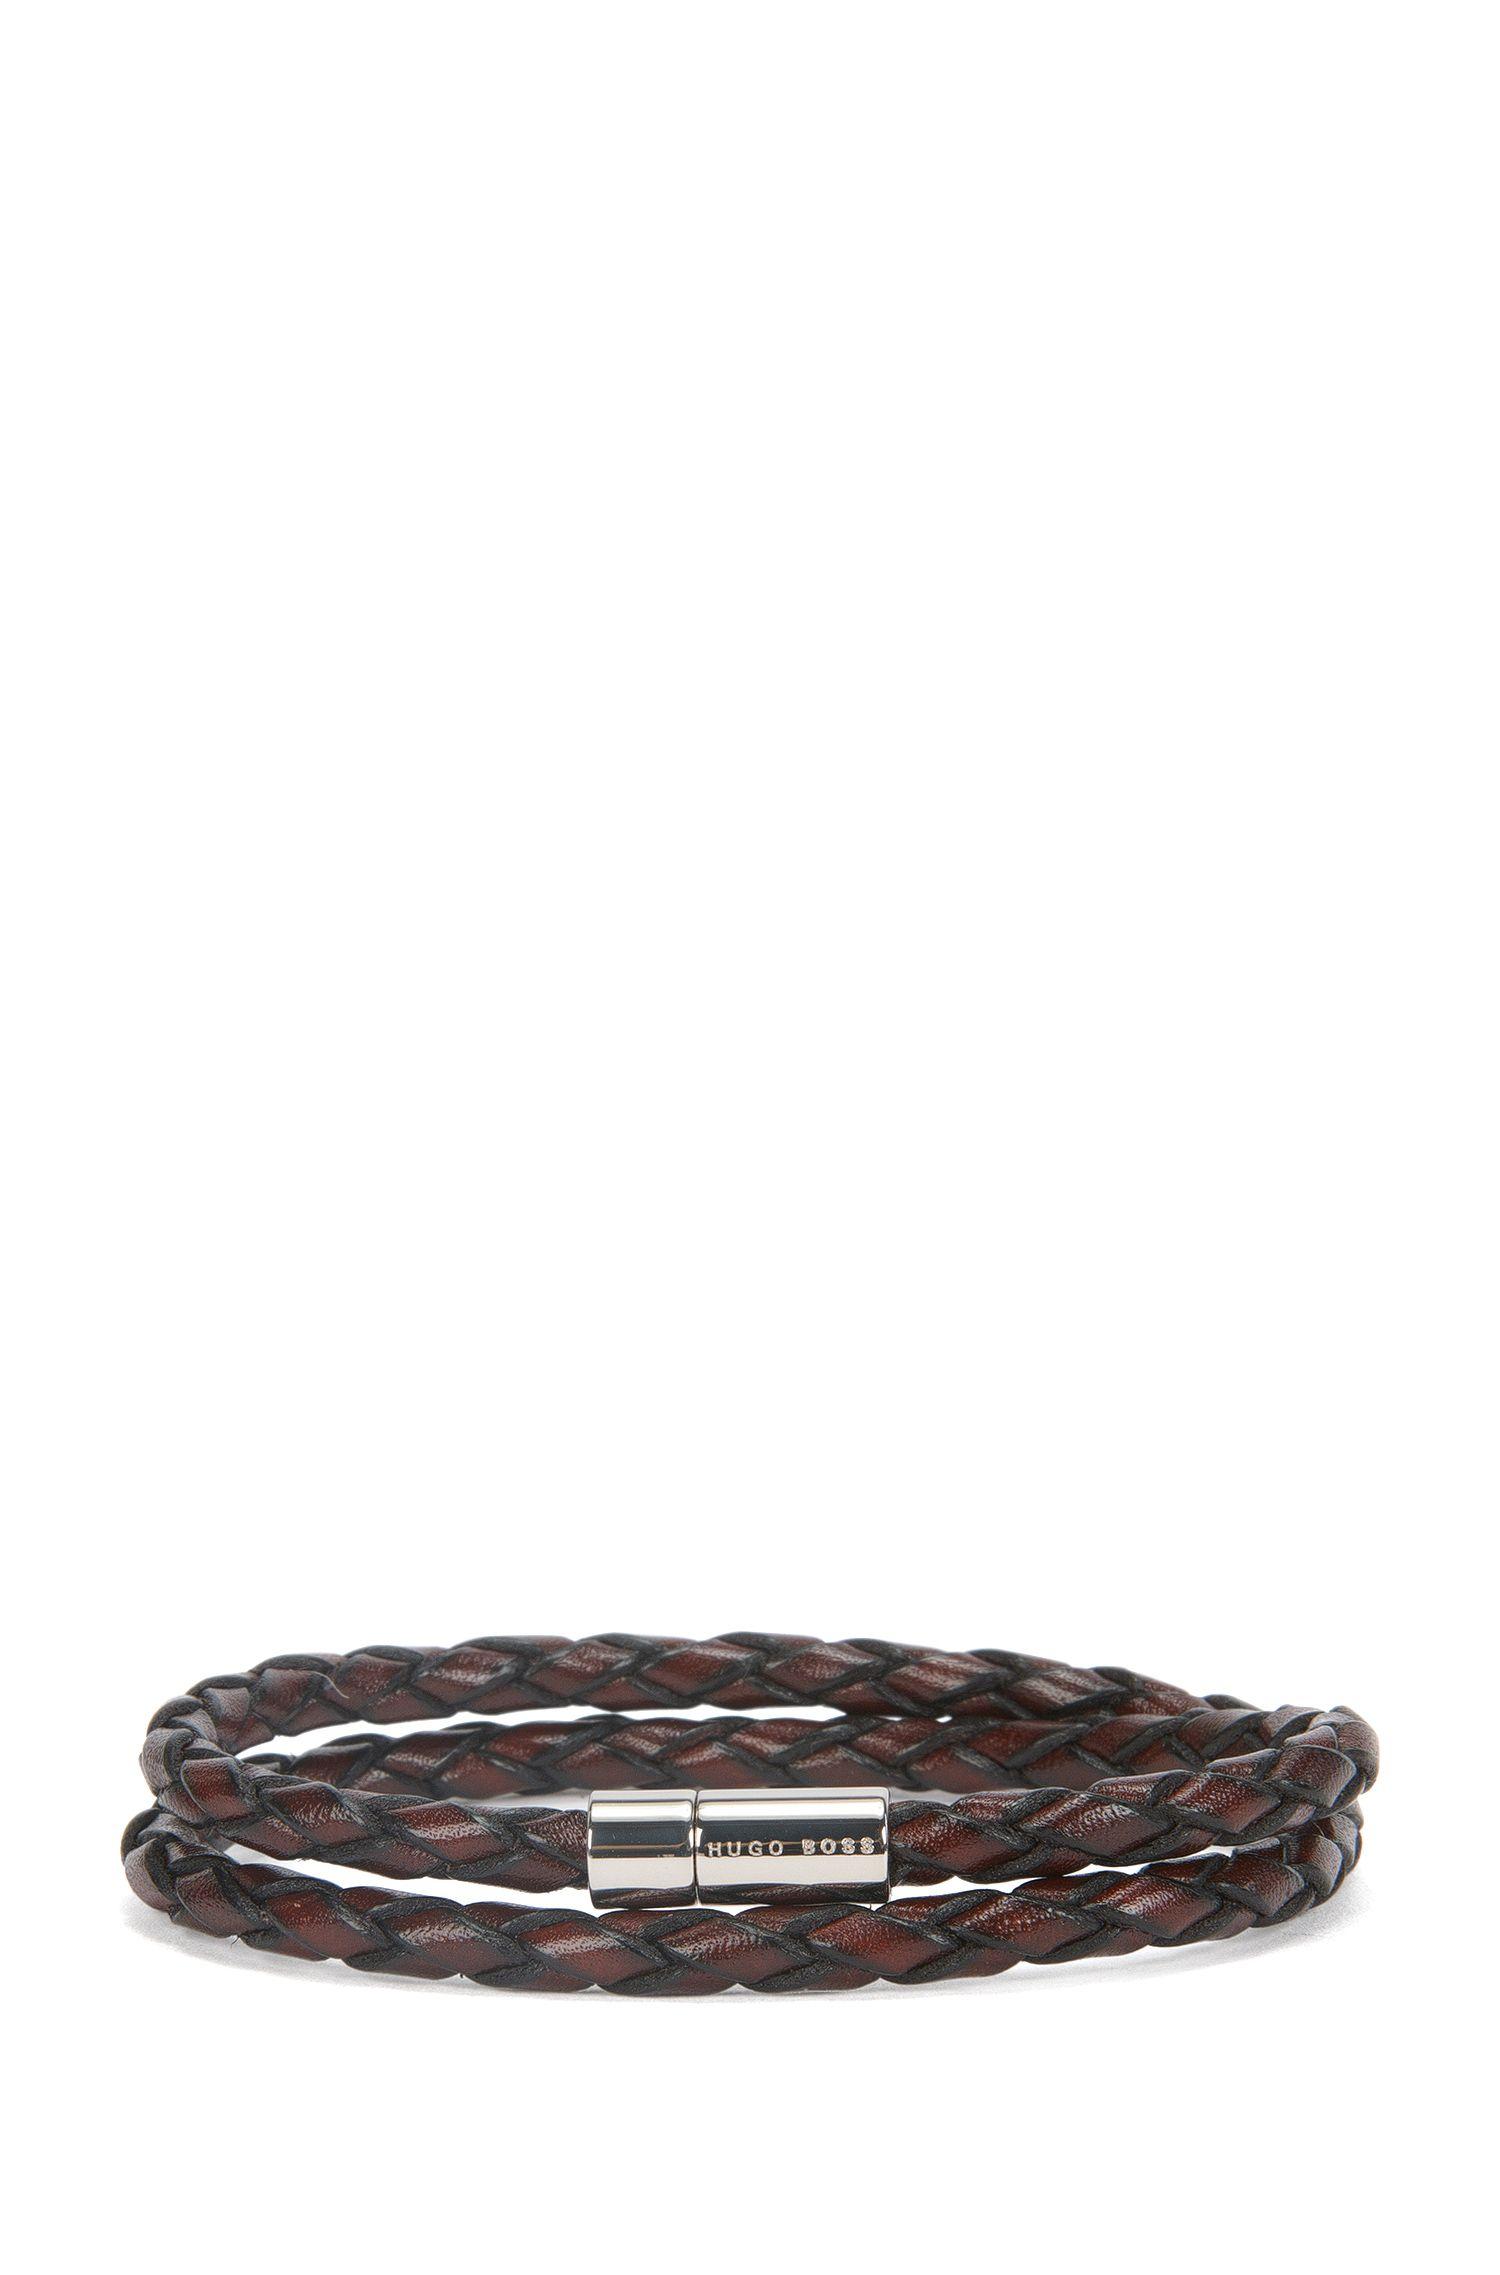 Bracelet tressé en cuir avec fermoir métallique à pression